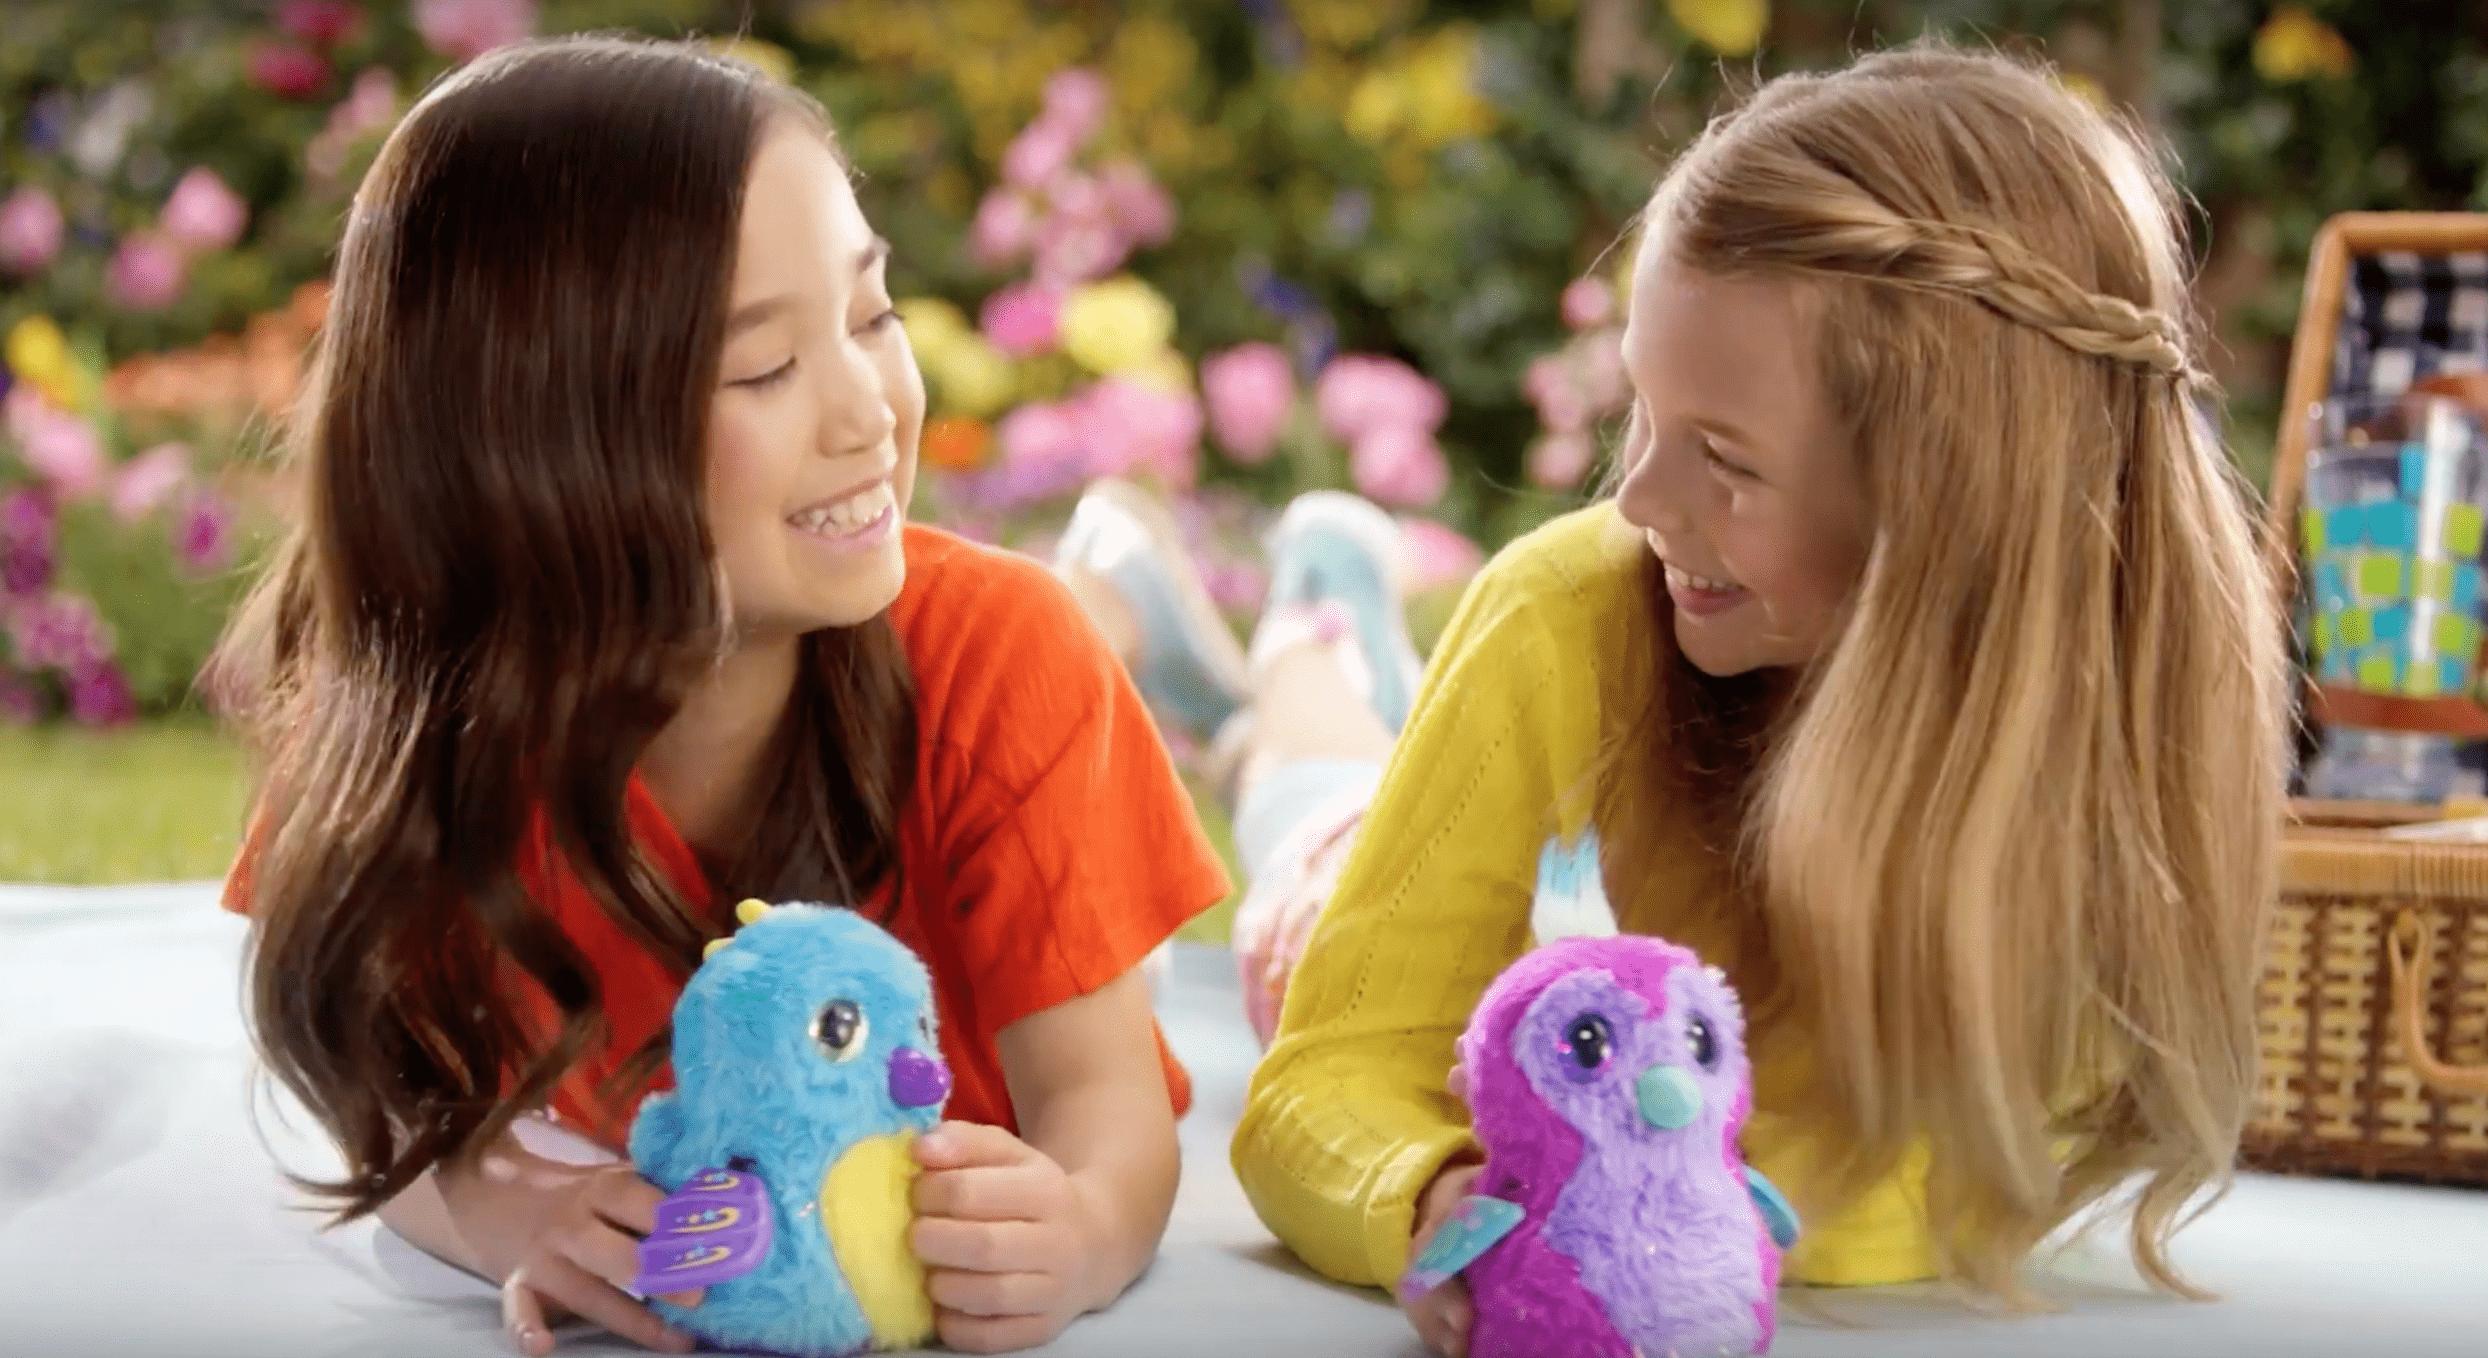 художественного фото игрушек по рекламе каждой уважающей